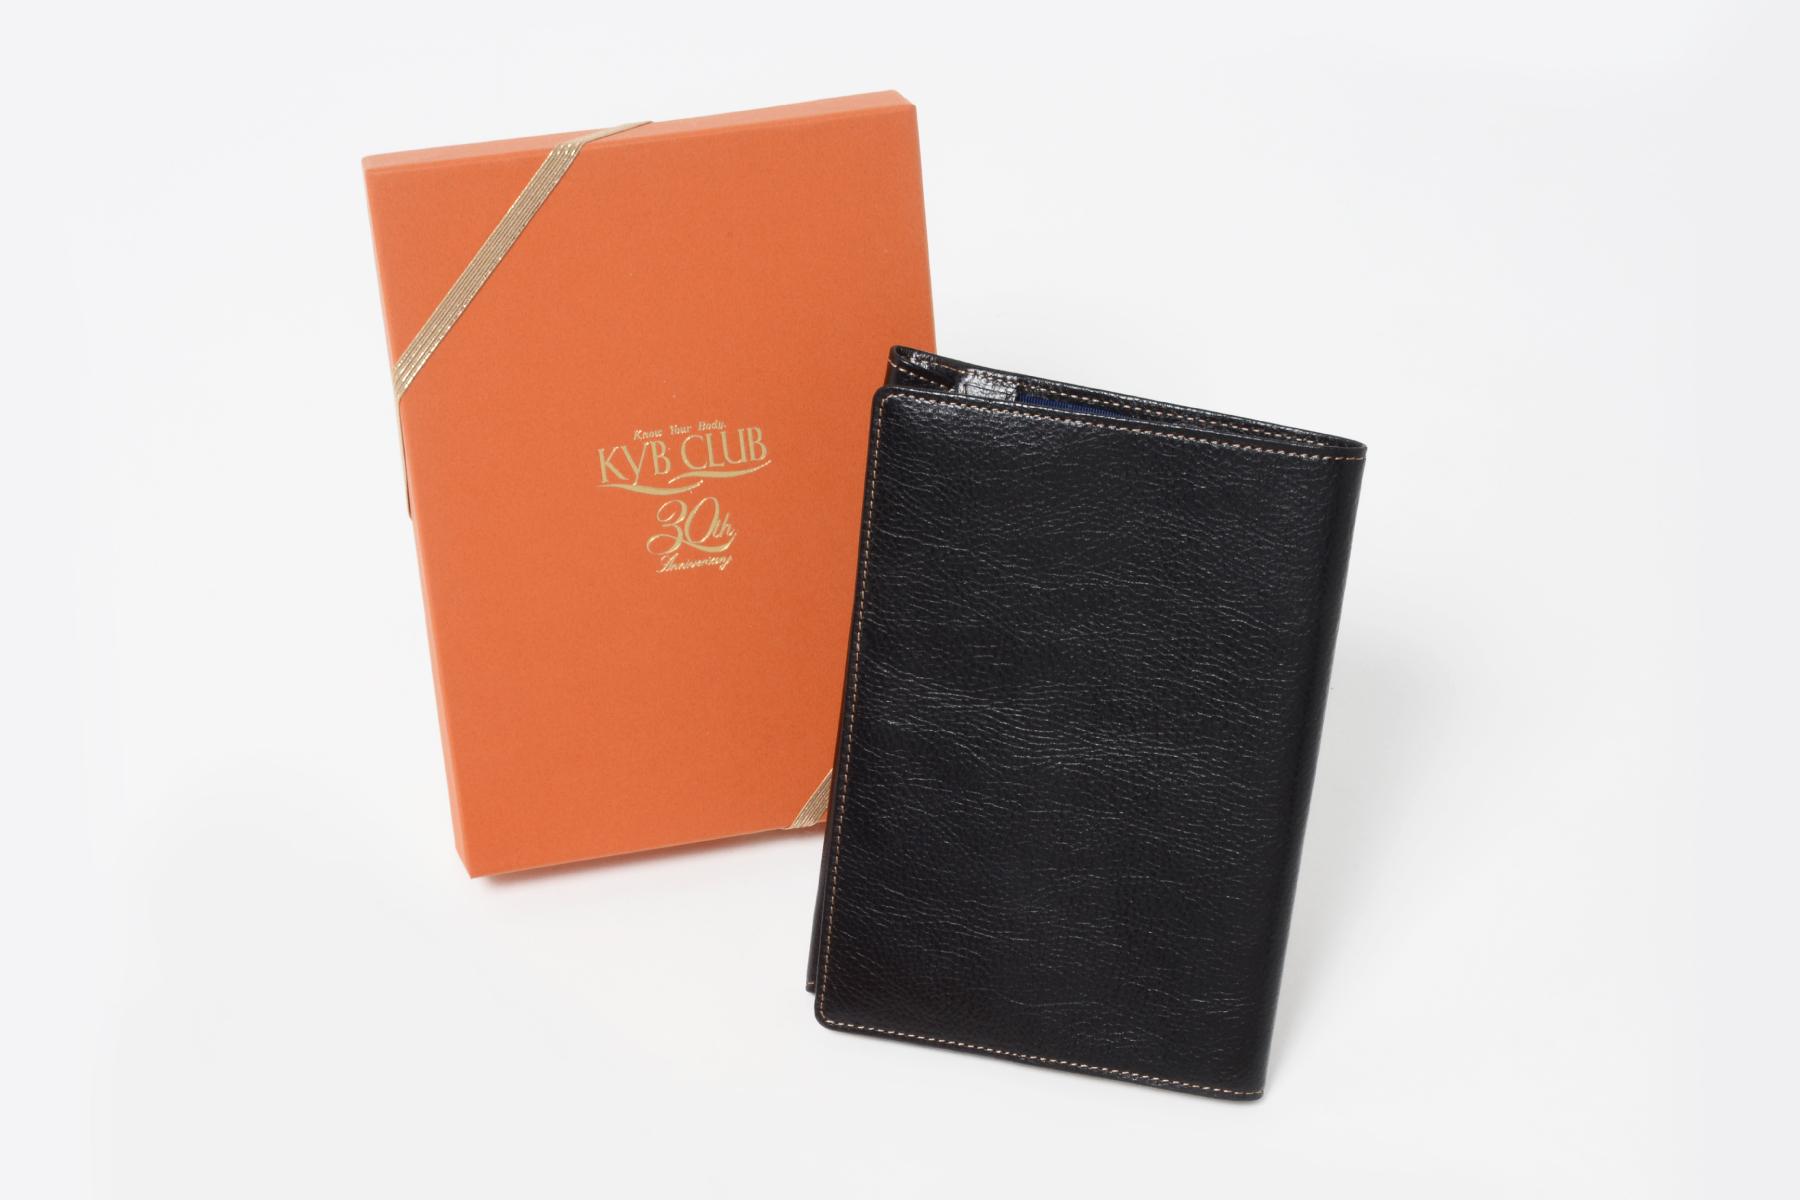 創立30周年記念品として使用した文庫本ブックカバー・アンティーク